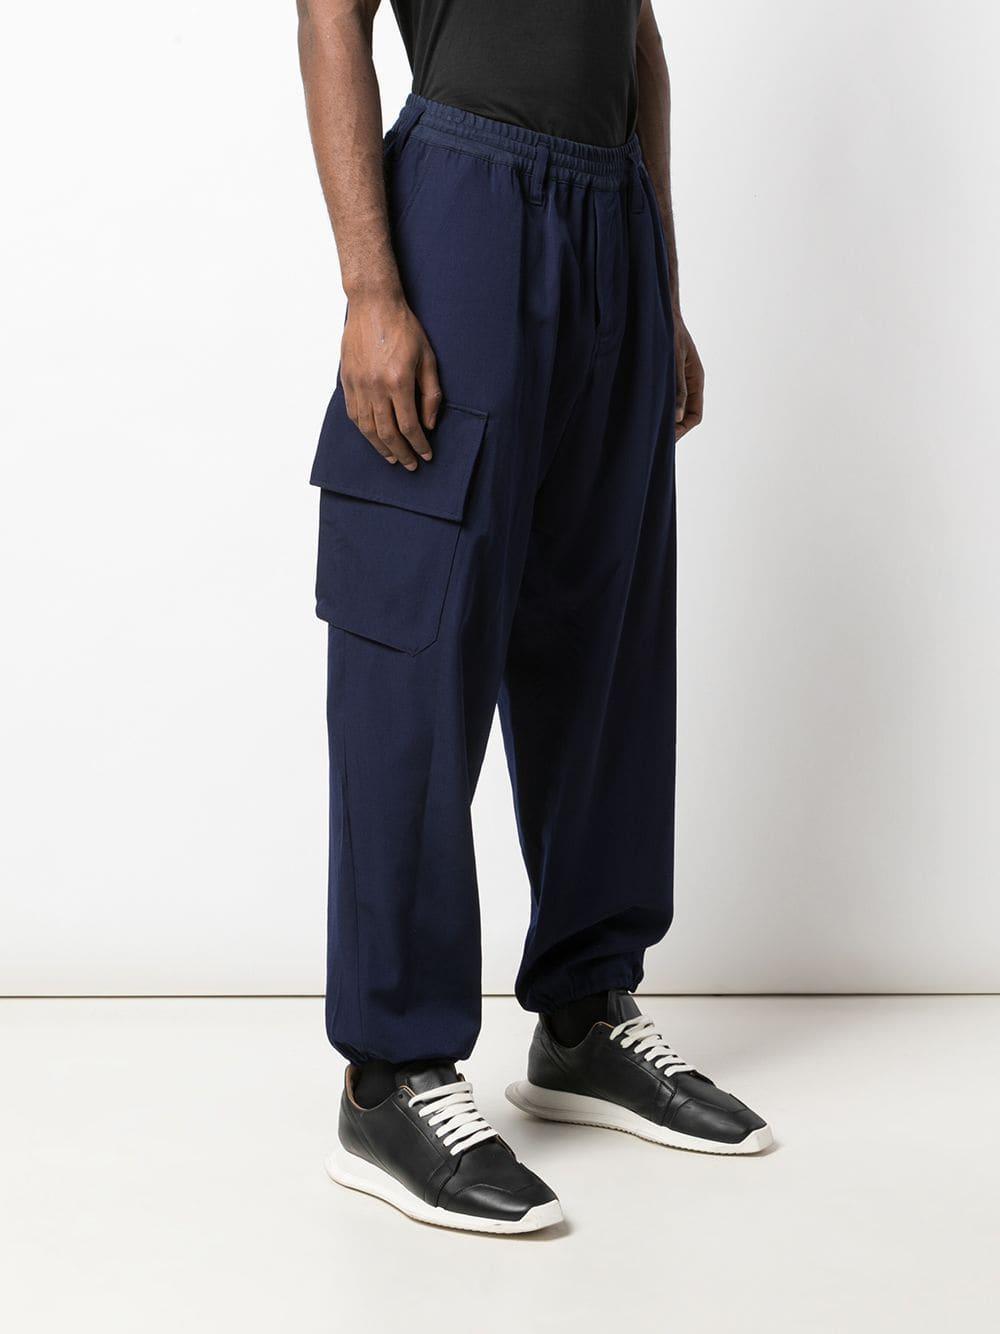 Yohji Yamamoto Wol Broek Met Geribbelde Taille in het Blauw voor heren